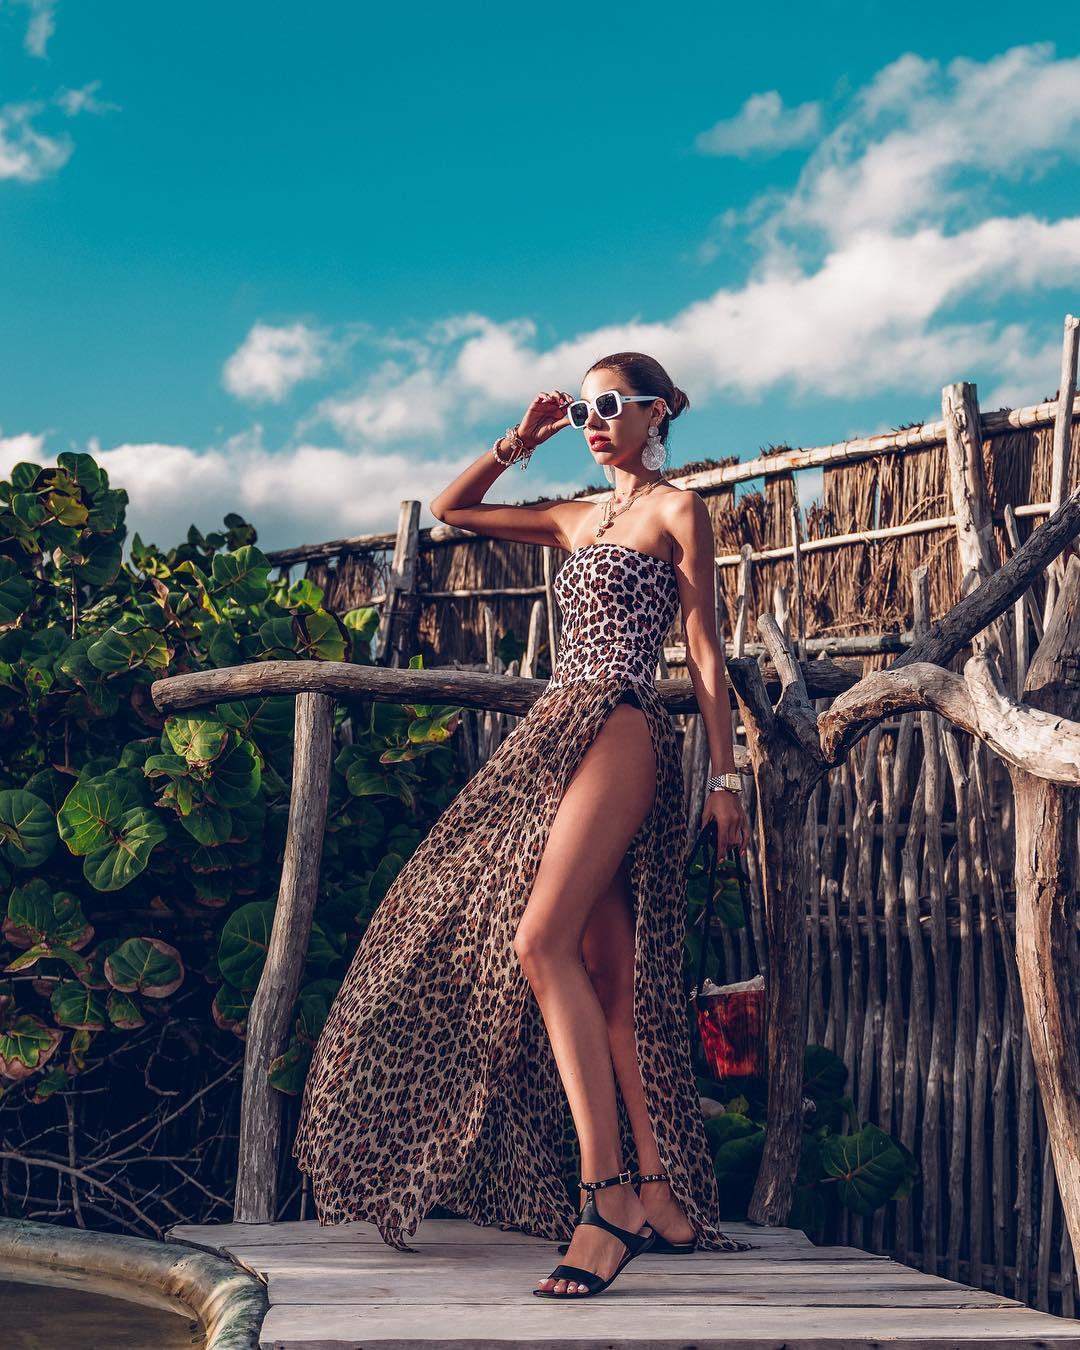 Модные образы на лето 2019 - подборка  стильных идей с платьями лучшее,мода,модный обзор,Наряды,образ,Платья,Стиль